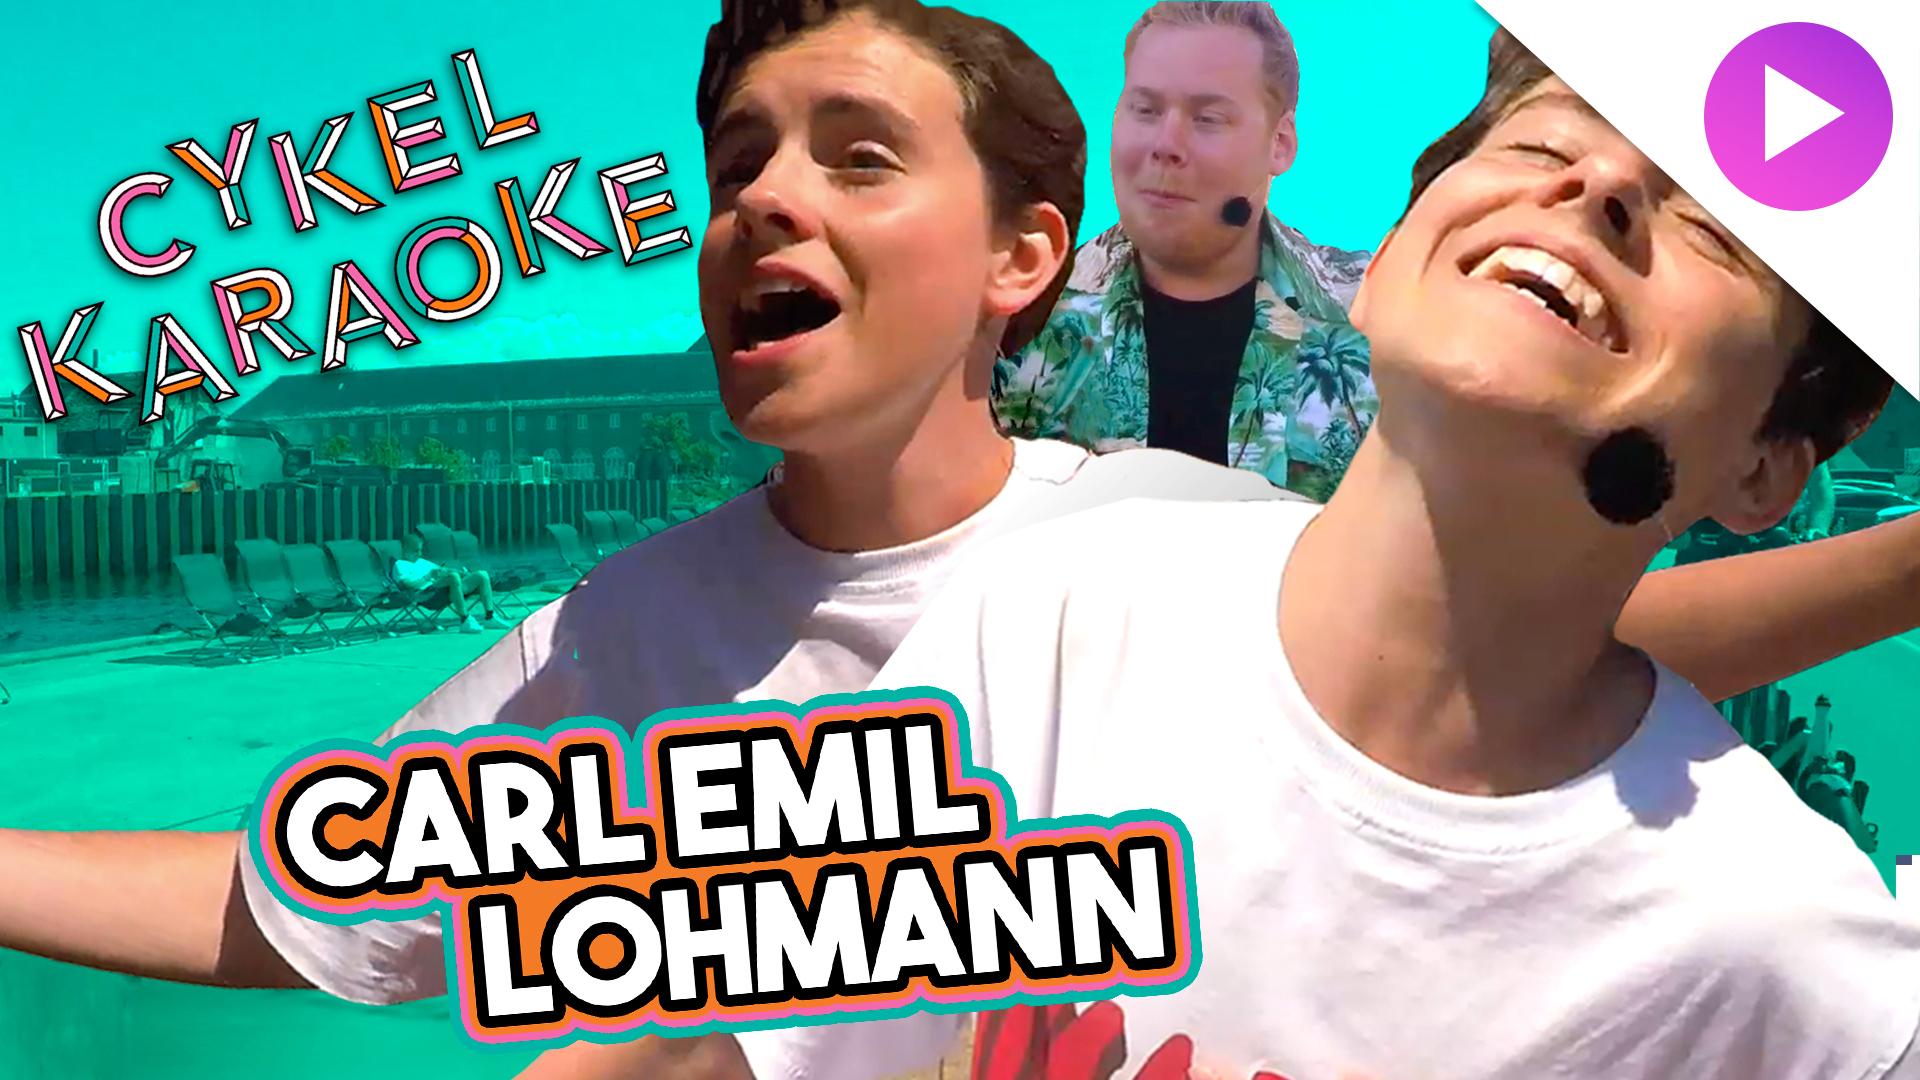 cykel_karaoke_med_carl_emil_lohmann_drupal.jpg